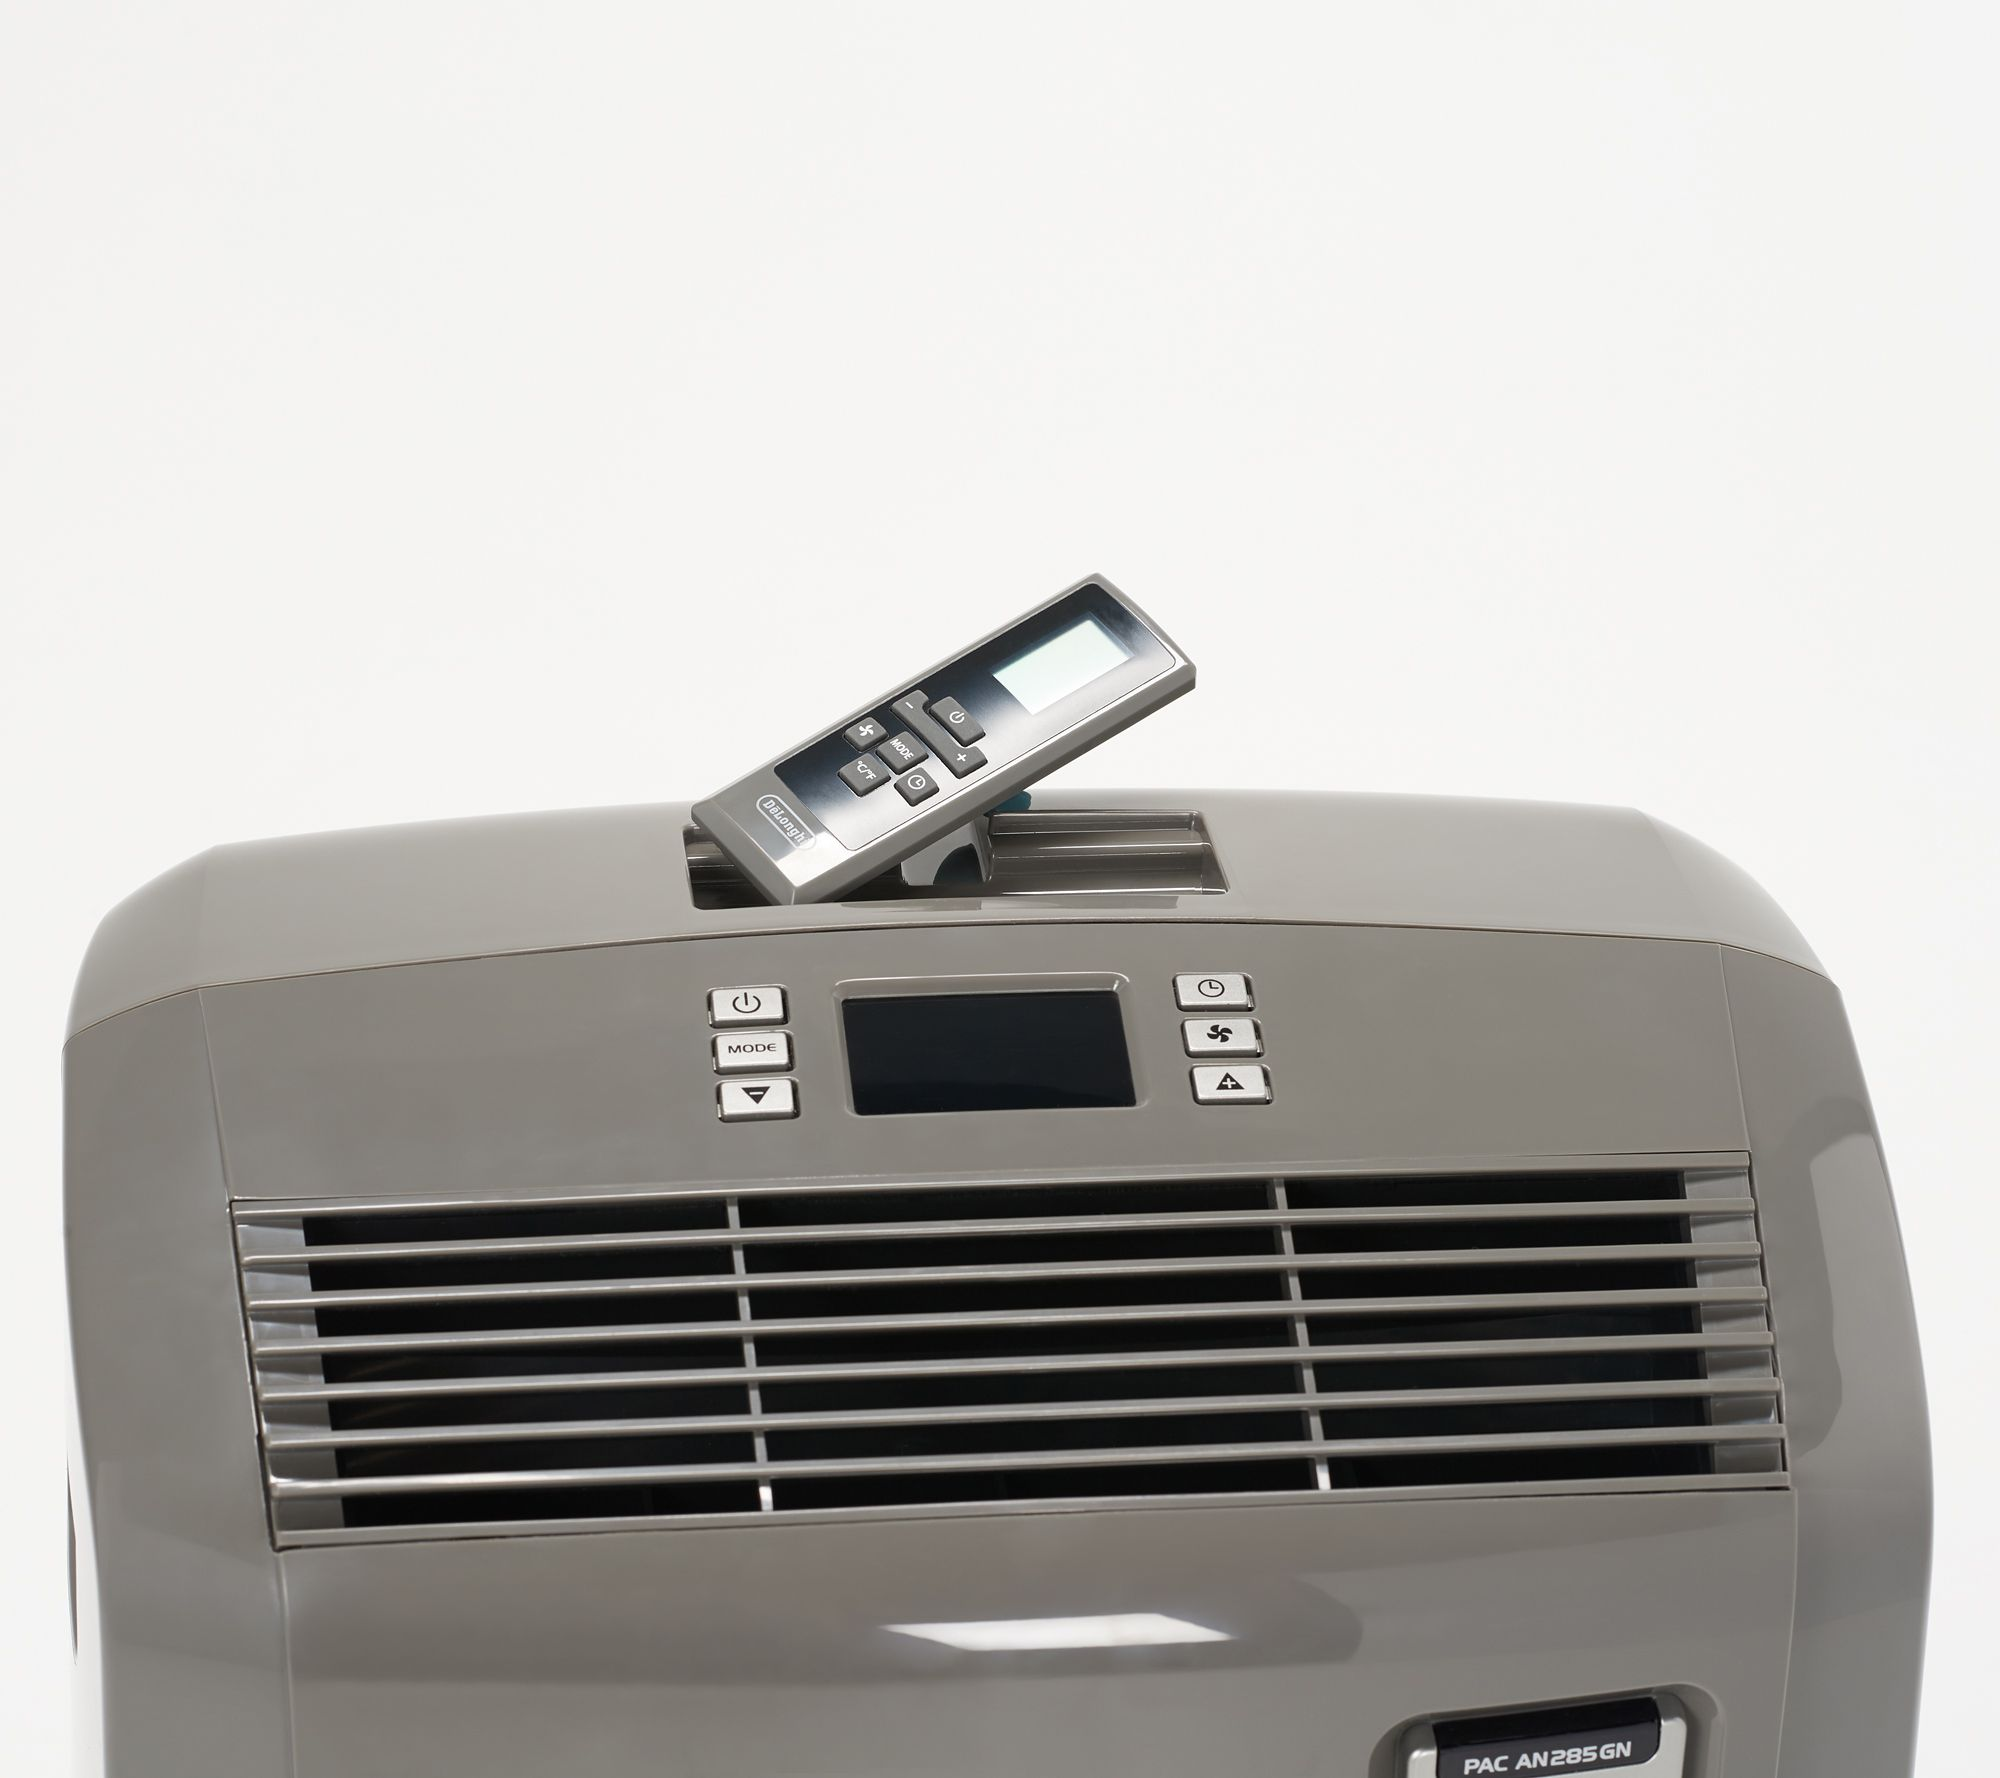 Delonghi 3 In 1 700 Sq Ft Portable Air Conditioner Qvc Com